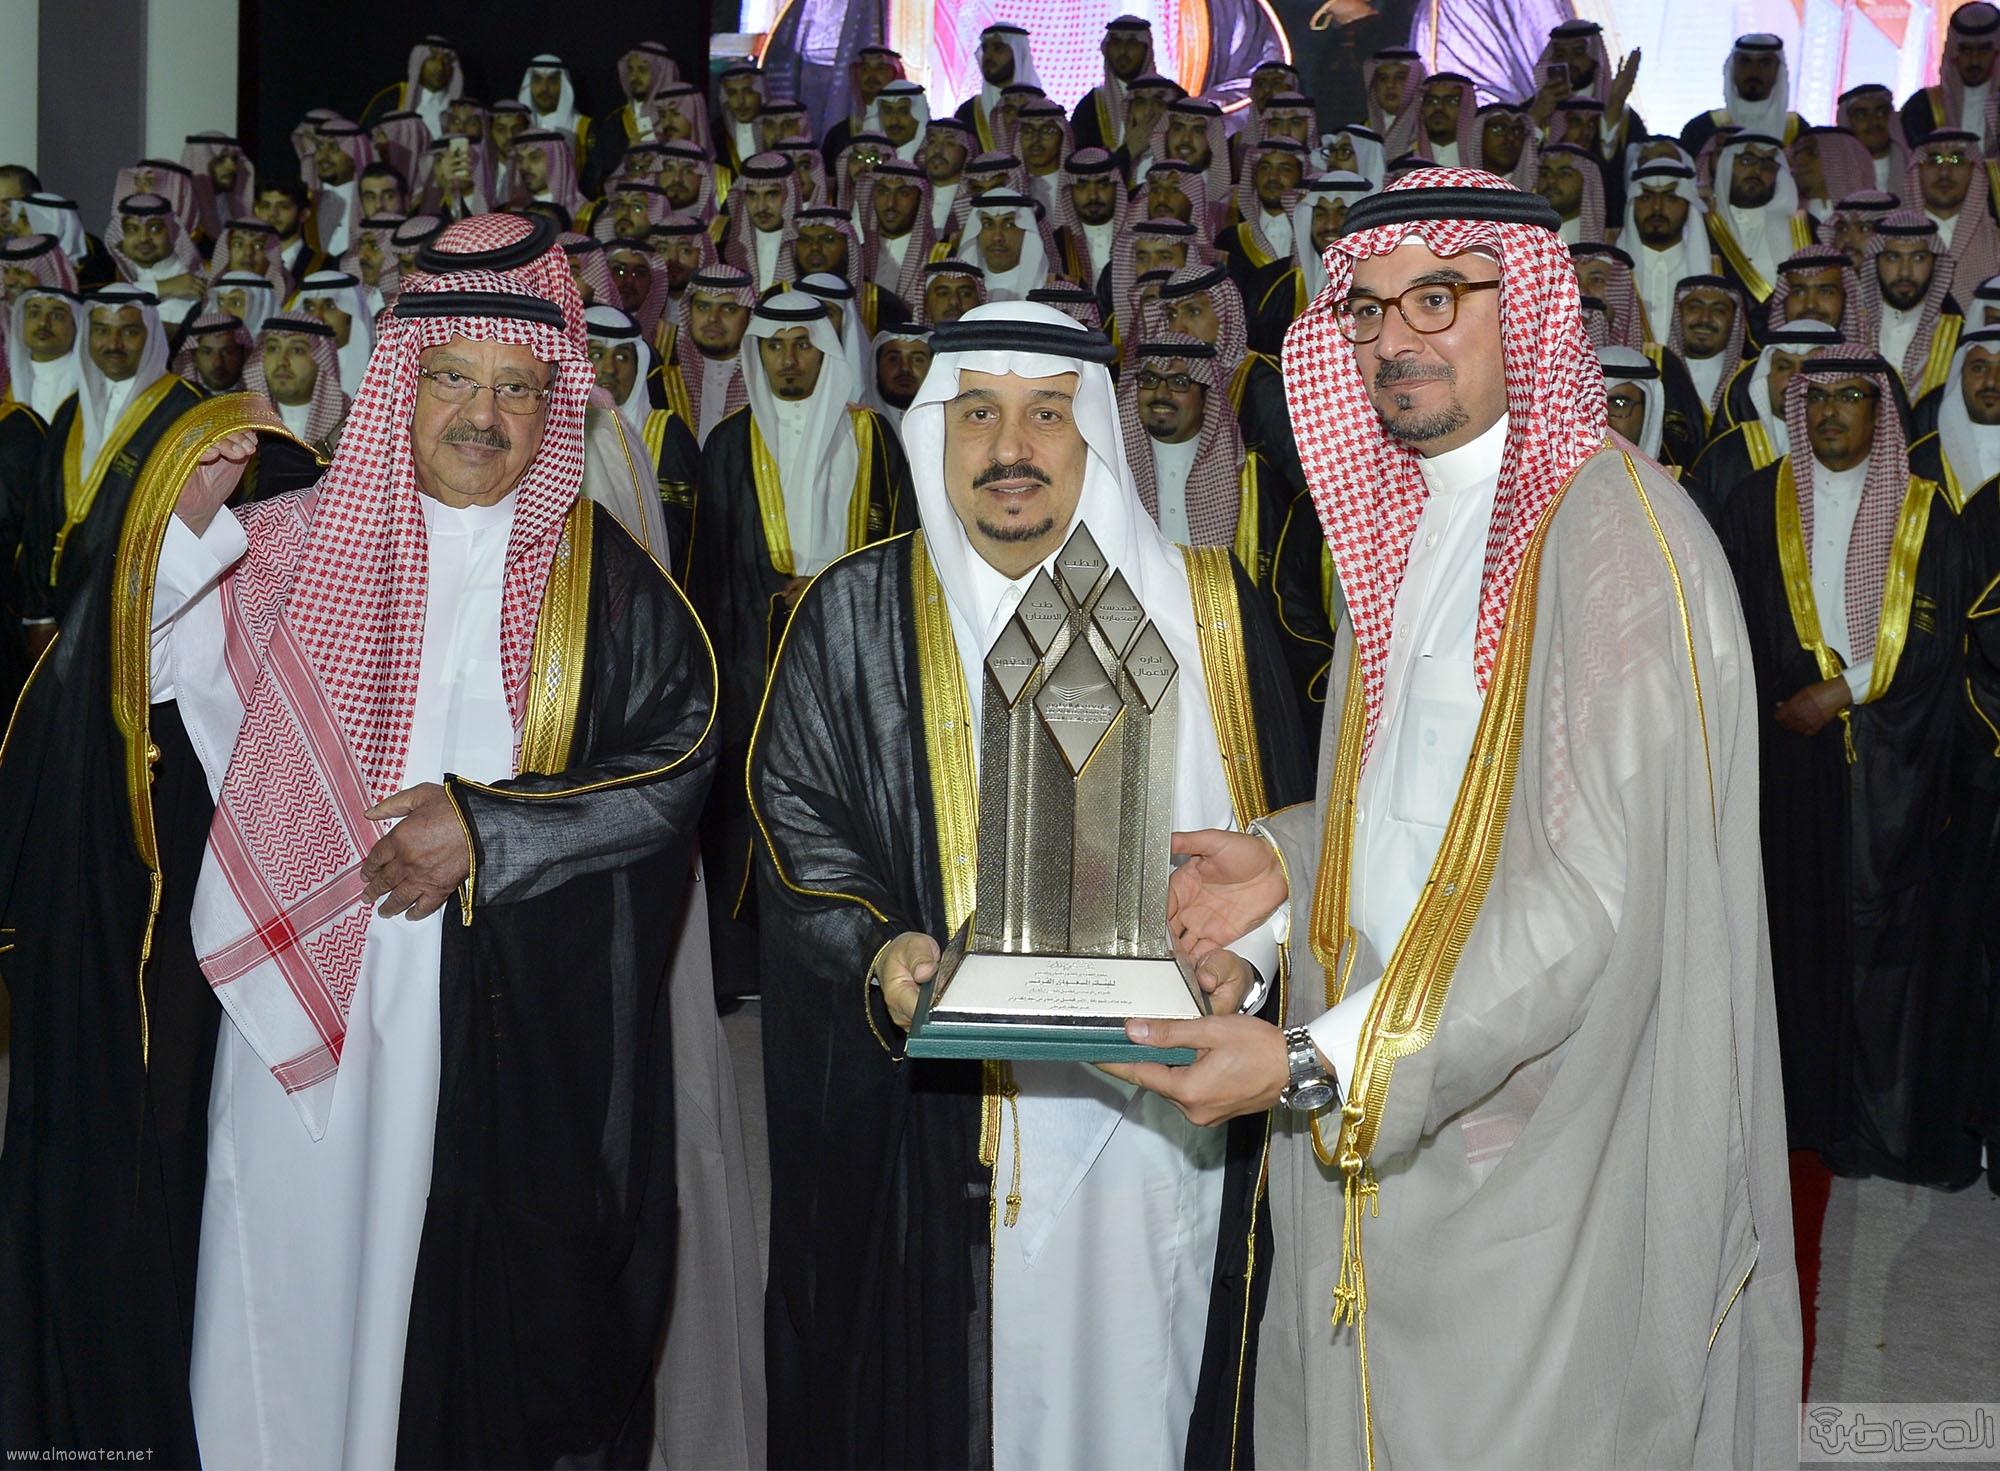 امير الرياض يرعى تخريج طلاب جامعة دار العلوم (13)